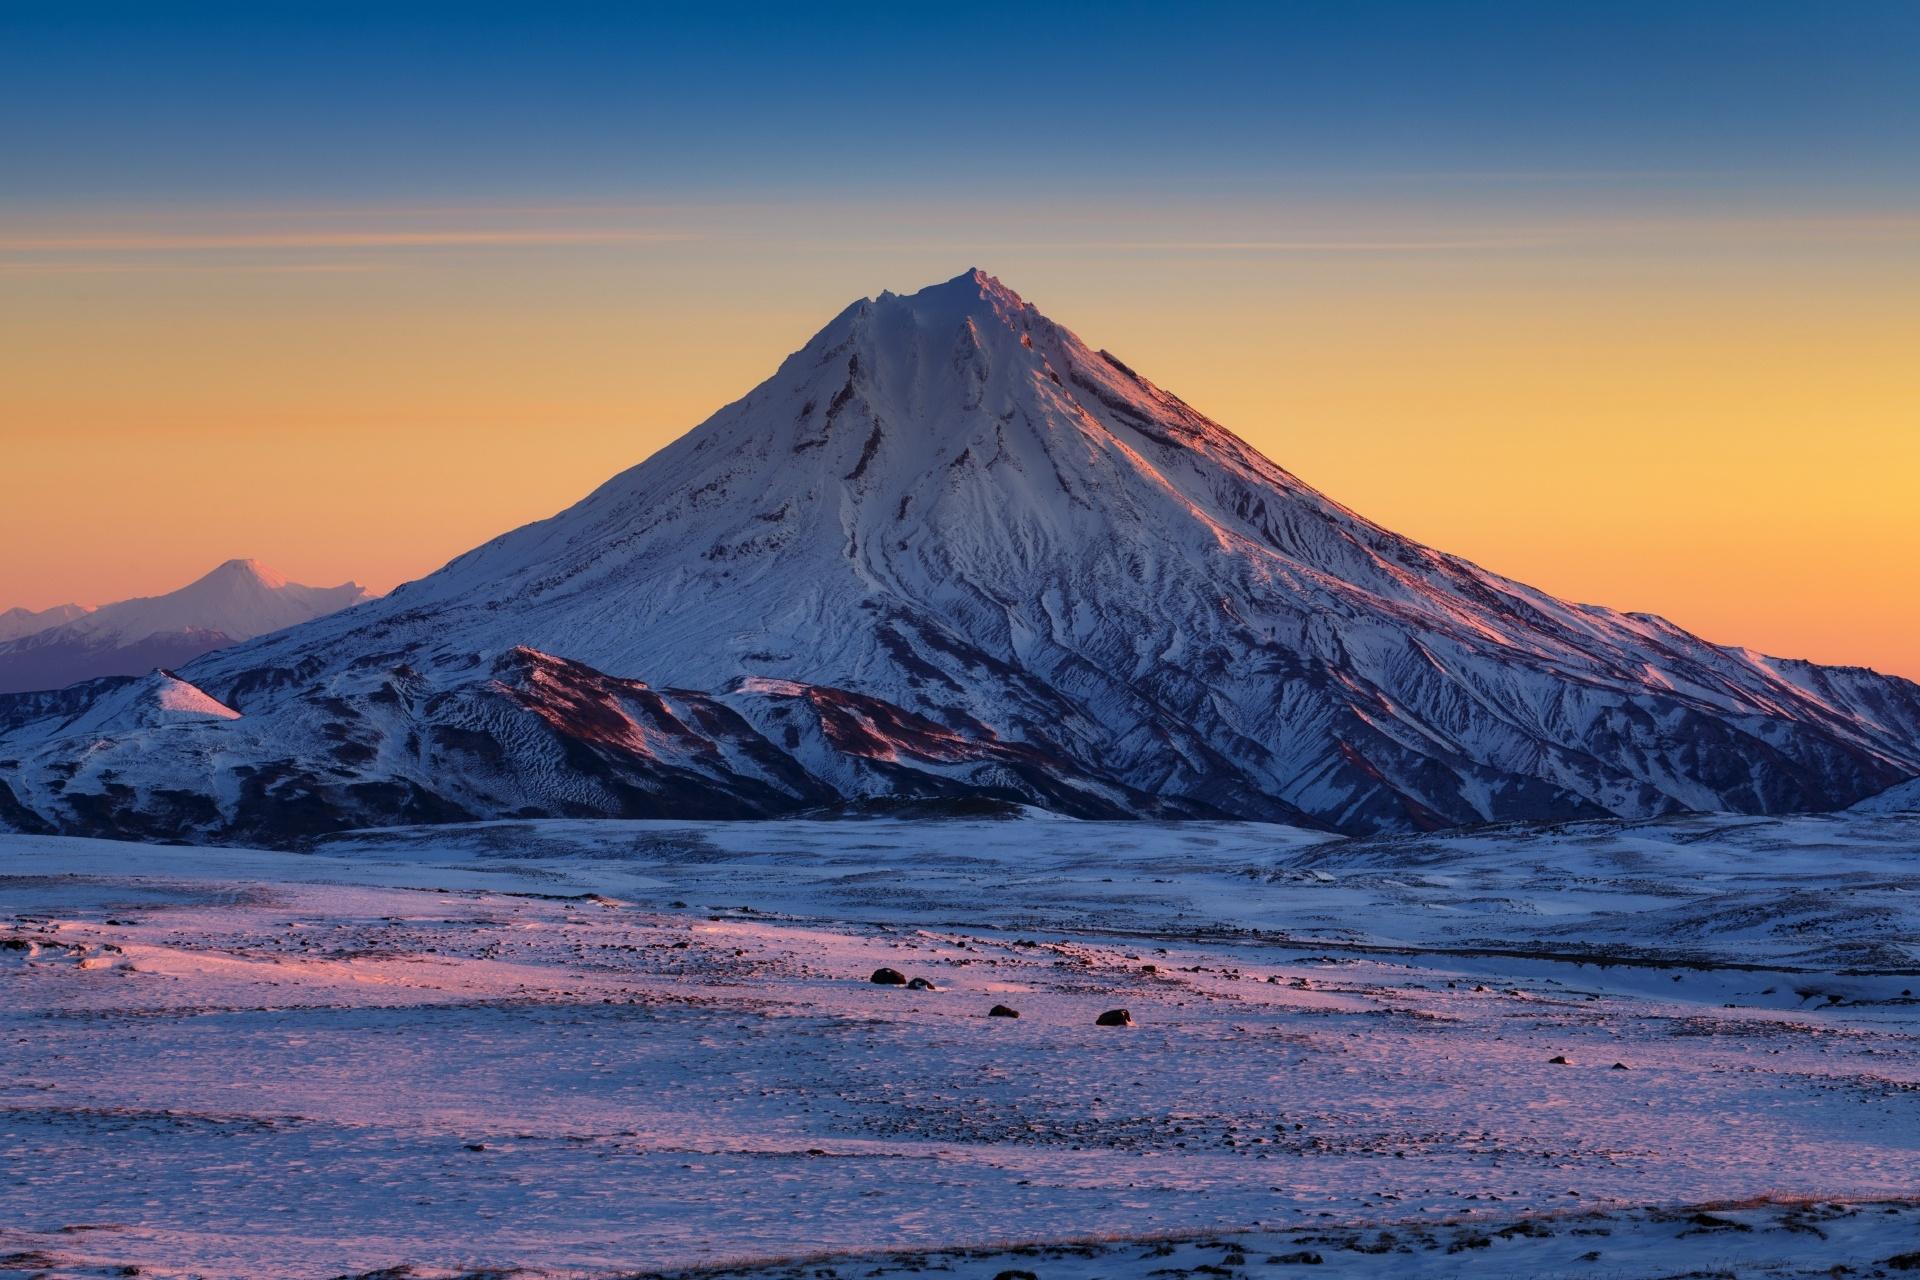 カムチャッカの冬の朝の風景 ロシアの風景